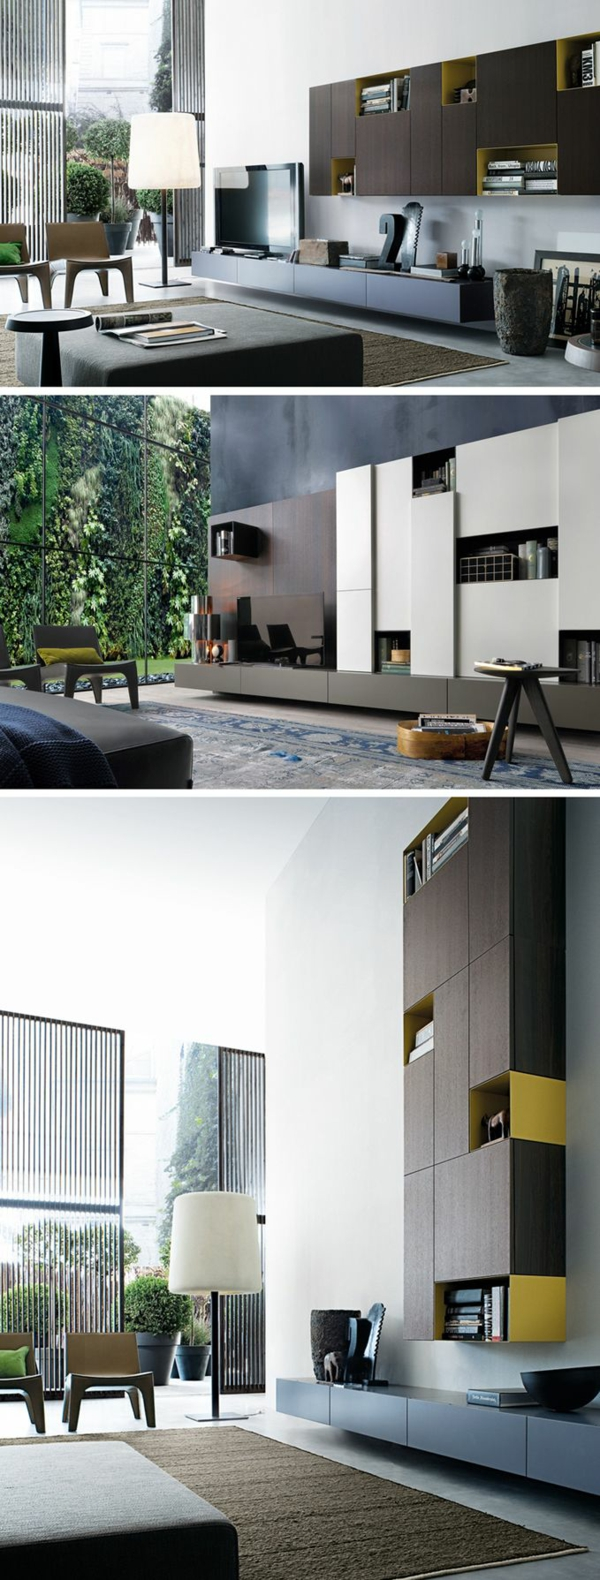 design outlet möbel designermöbel einrichtung wohnzimmer möbel